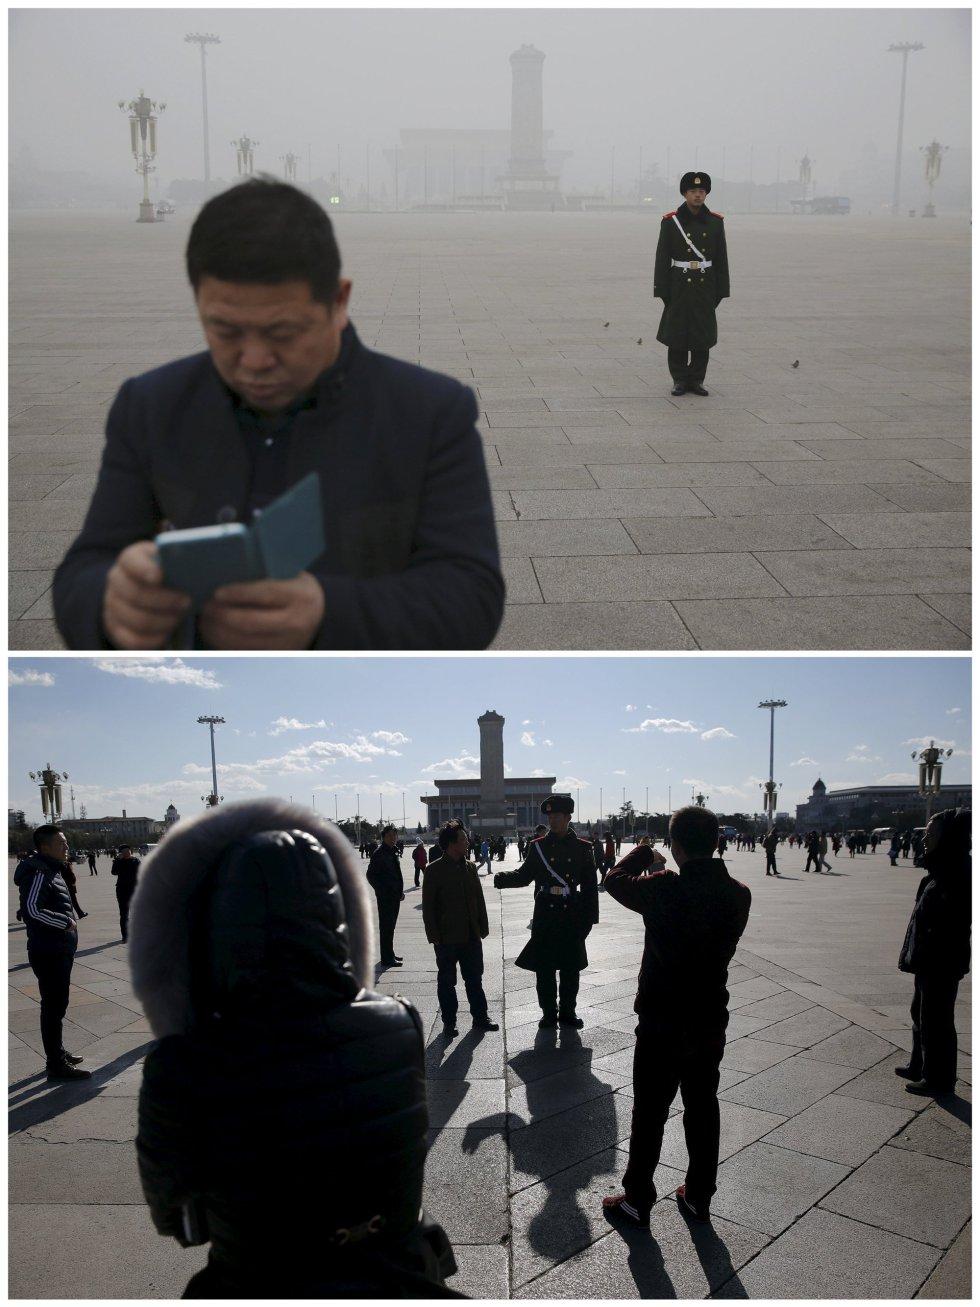 La plaza de Tiananmen, bajo la contaminación y en un día soleado.